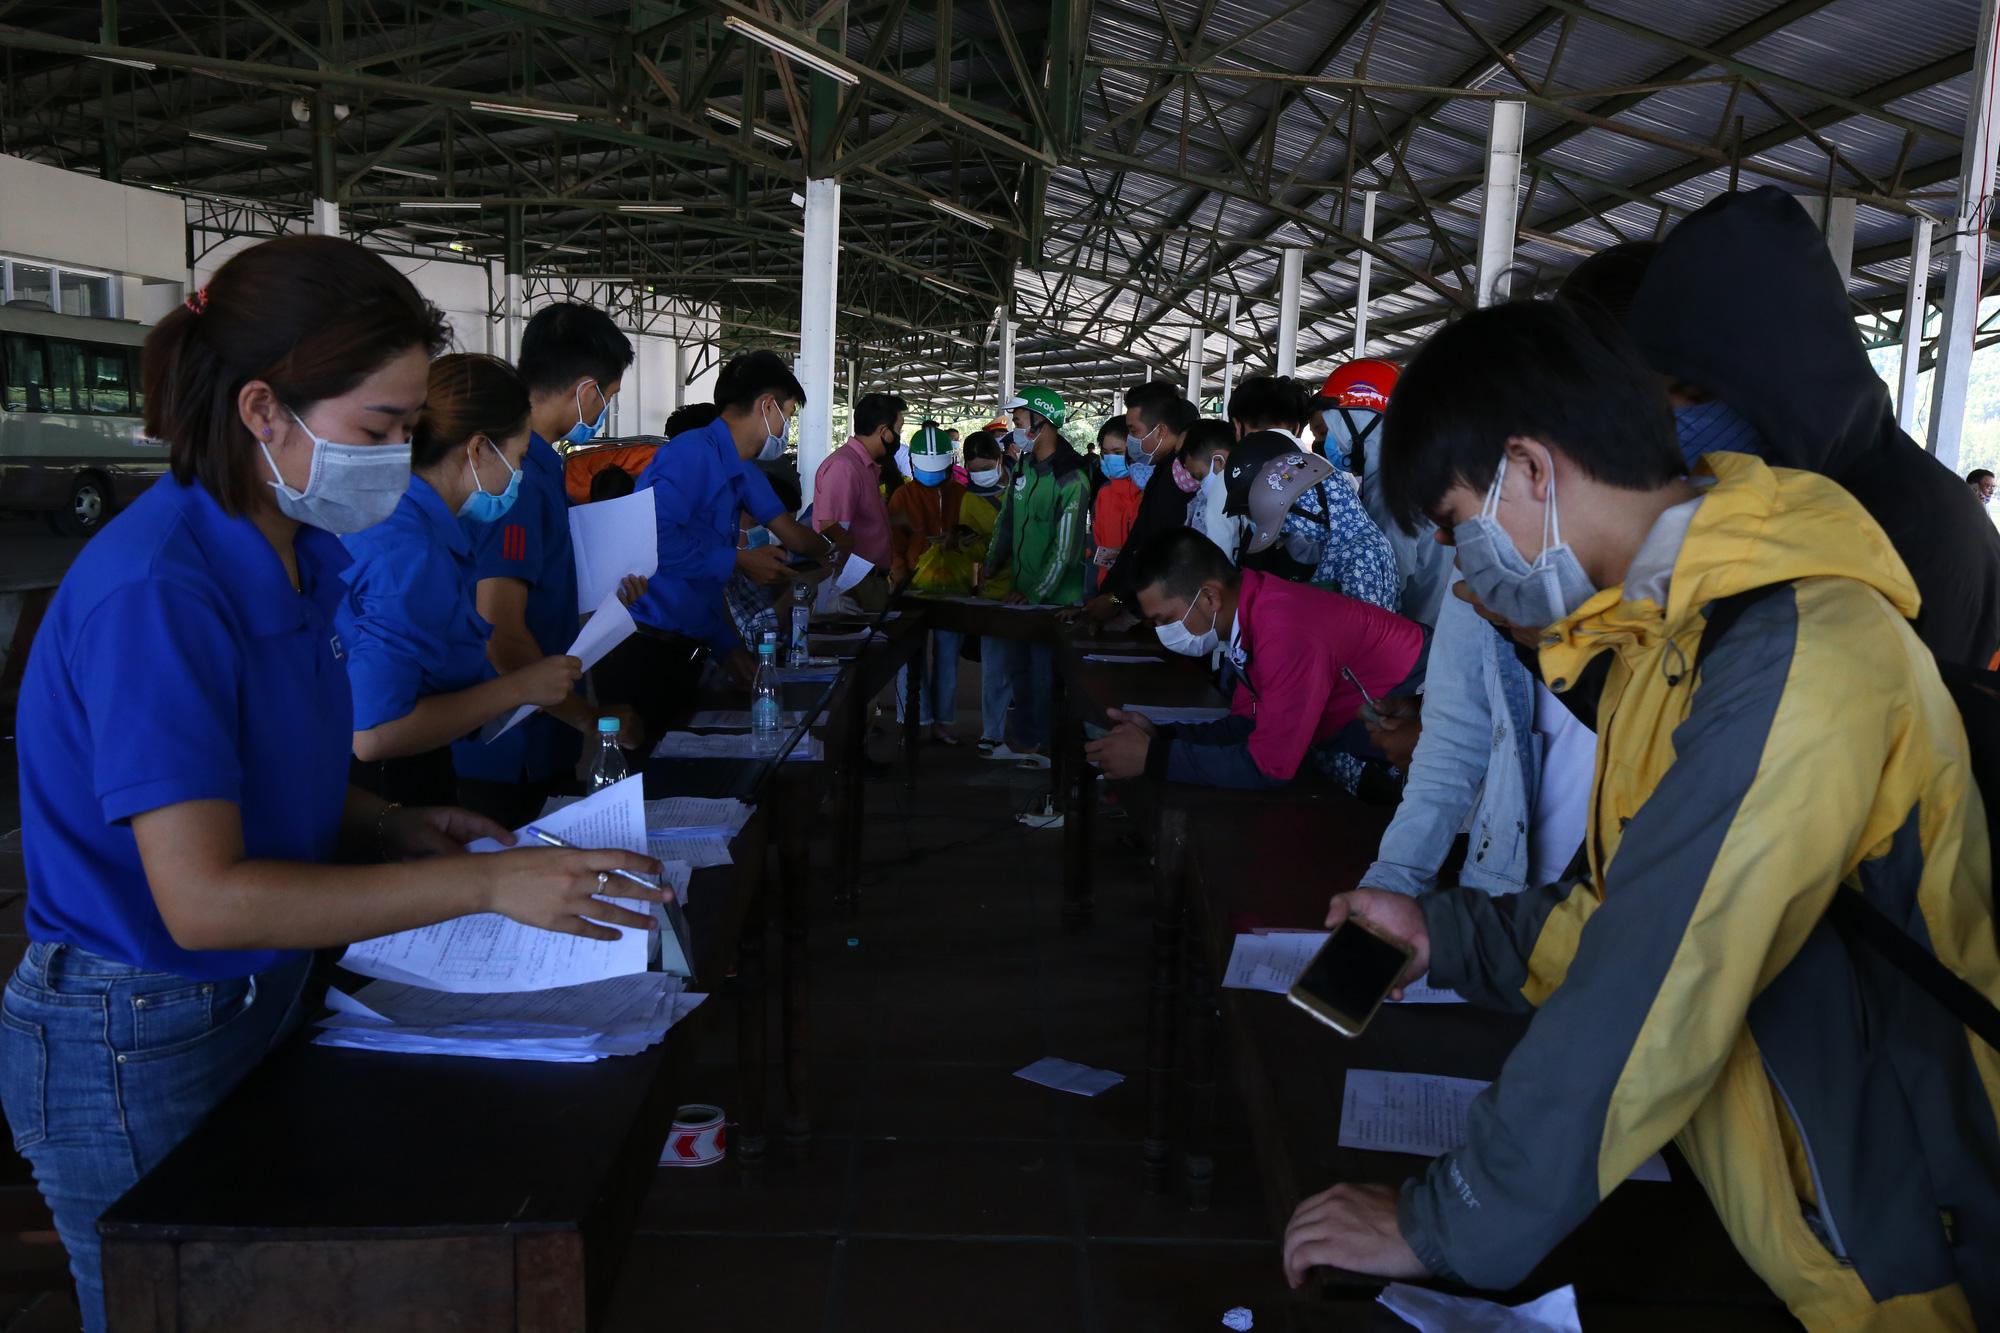 Huế cấm tất cả xe cộ, trường hợp đặc biệt mới được từ Đà Nẵng tới Huế - Ảnh 1.